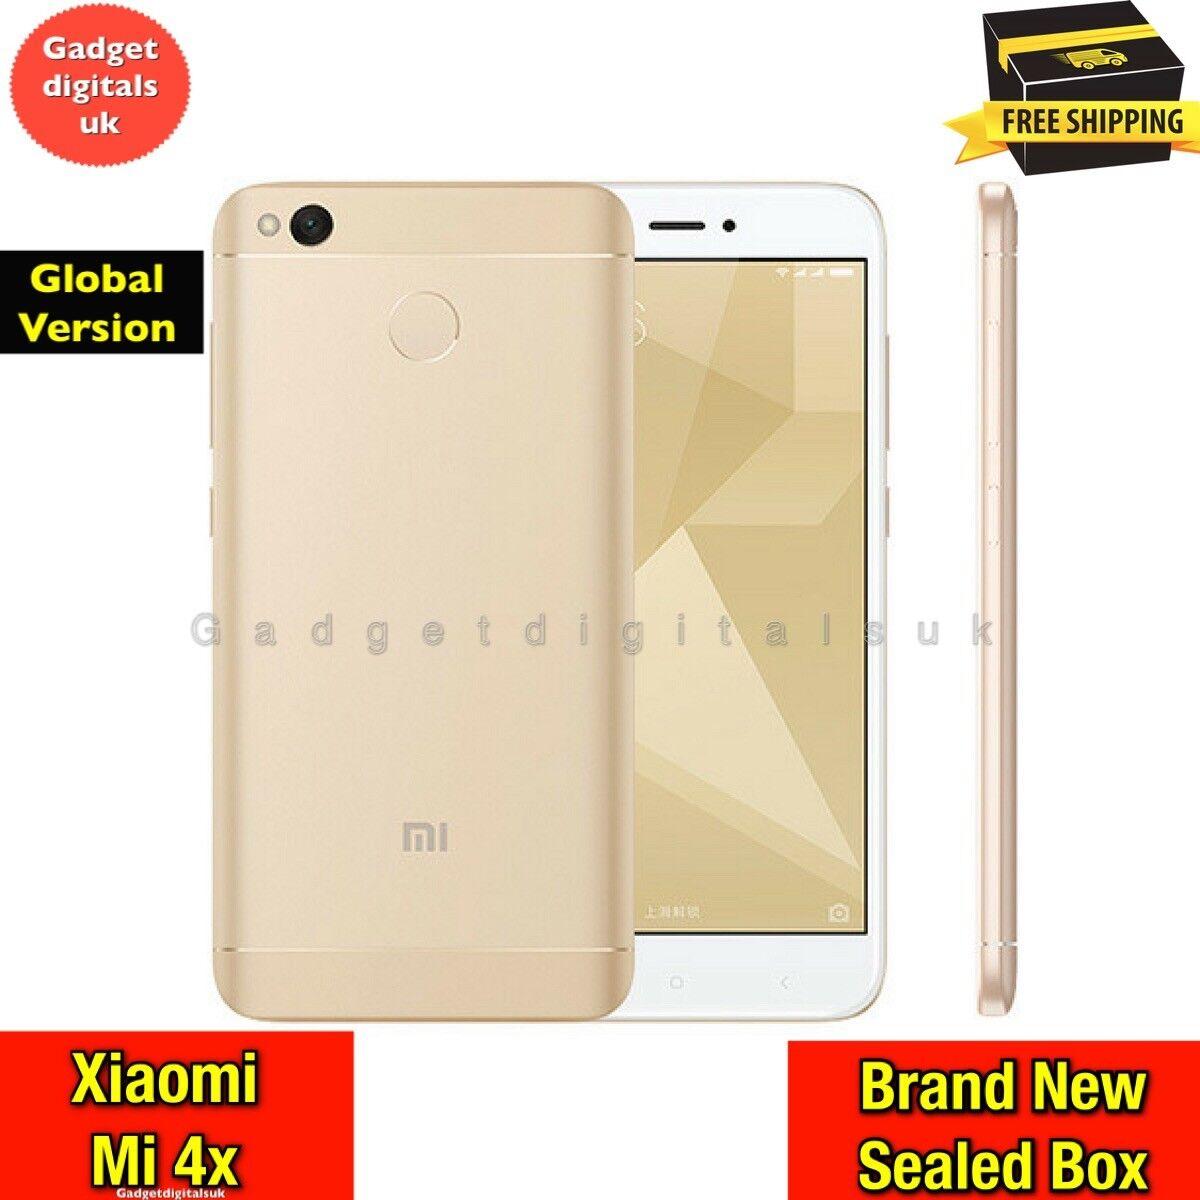 Brand New Xiaomi Redmi 4x Gold 16gb 5 Inch Simfree Unlocked Android 2gb Add Product Titel